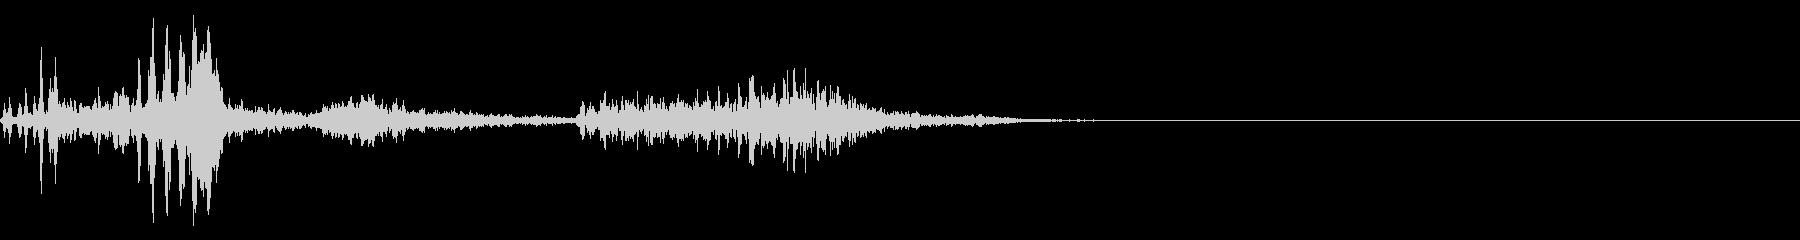 【生録音】フラミンゴの鳴き声 32の未再生の波形